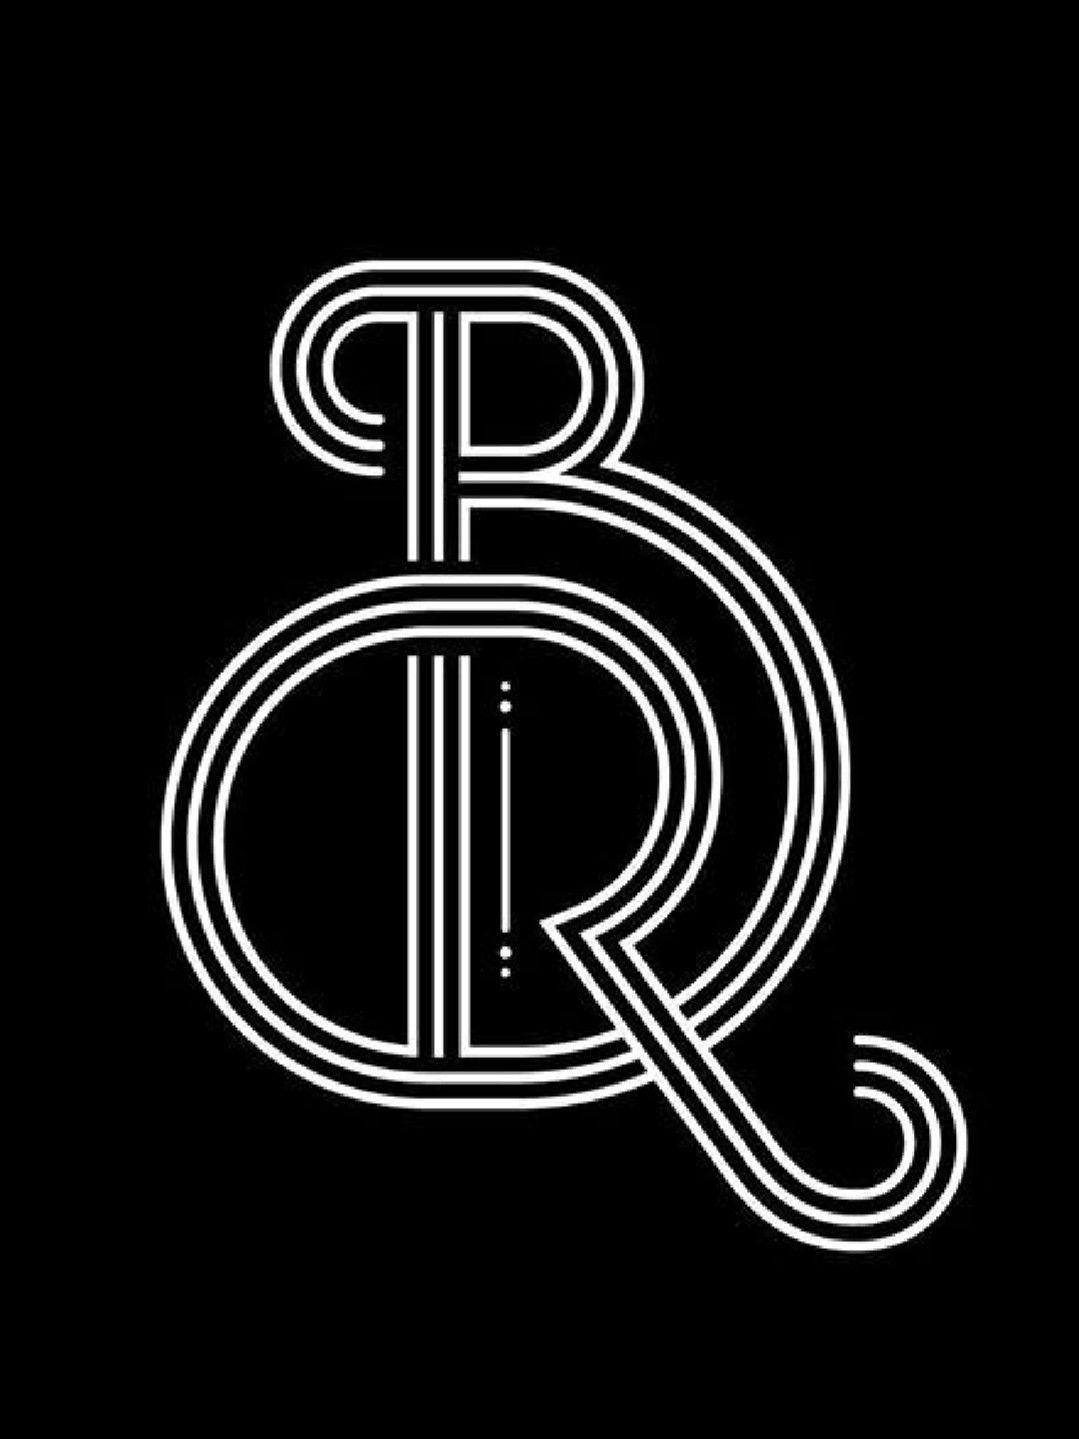 50++ B letter design logo trends